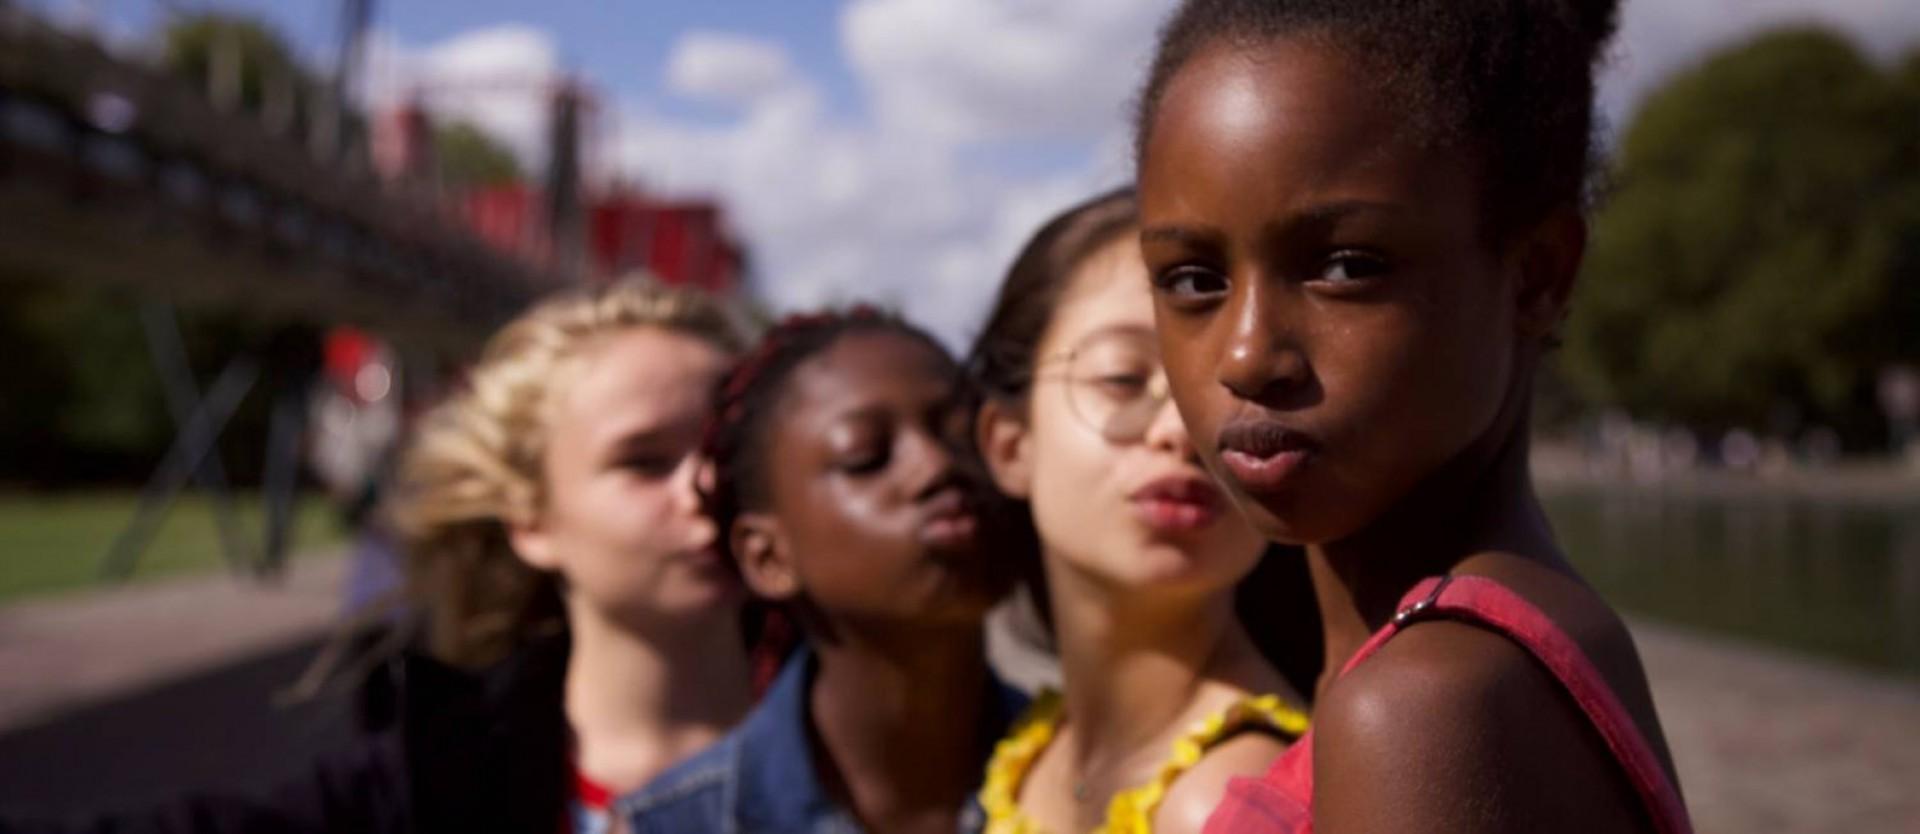 Filme Cuties vem gerando polêmica, acusado de sexualizar crianças